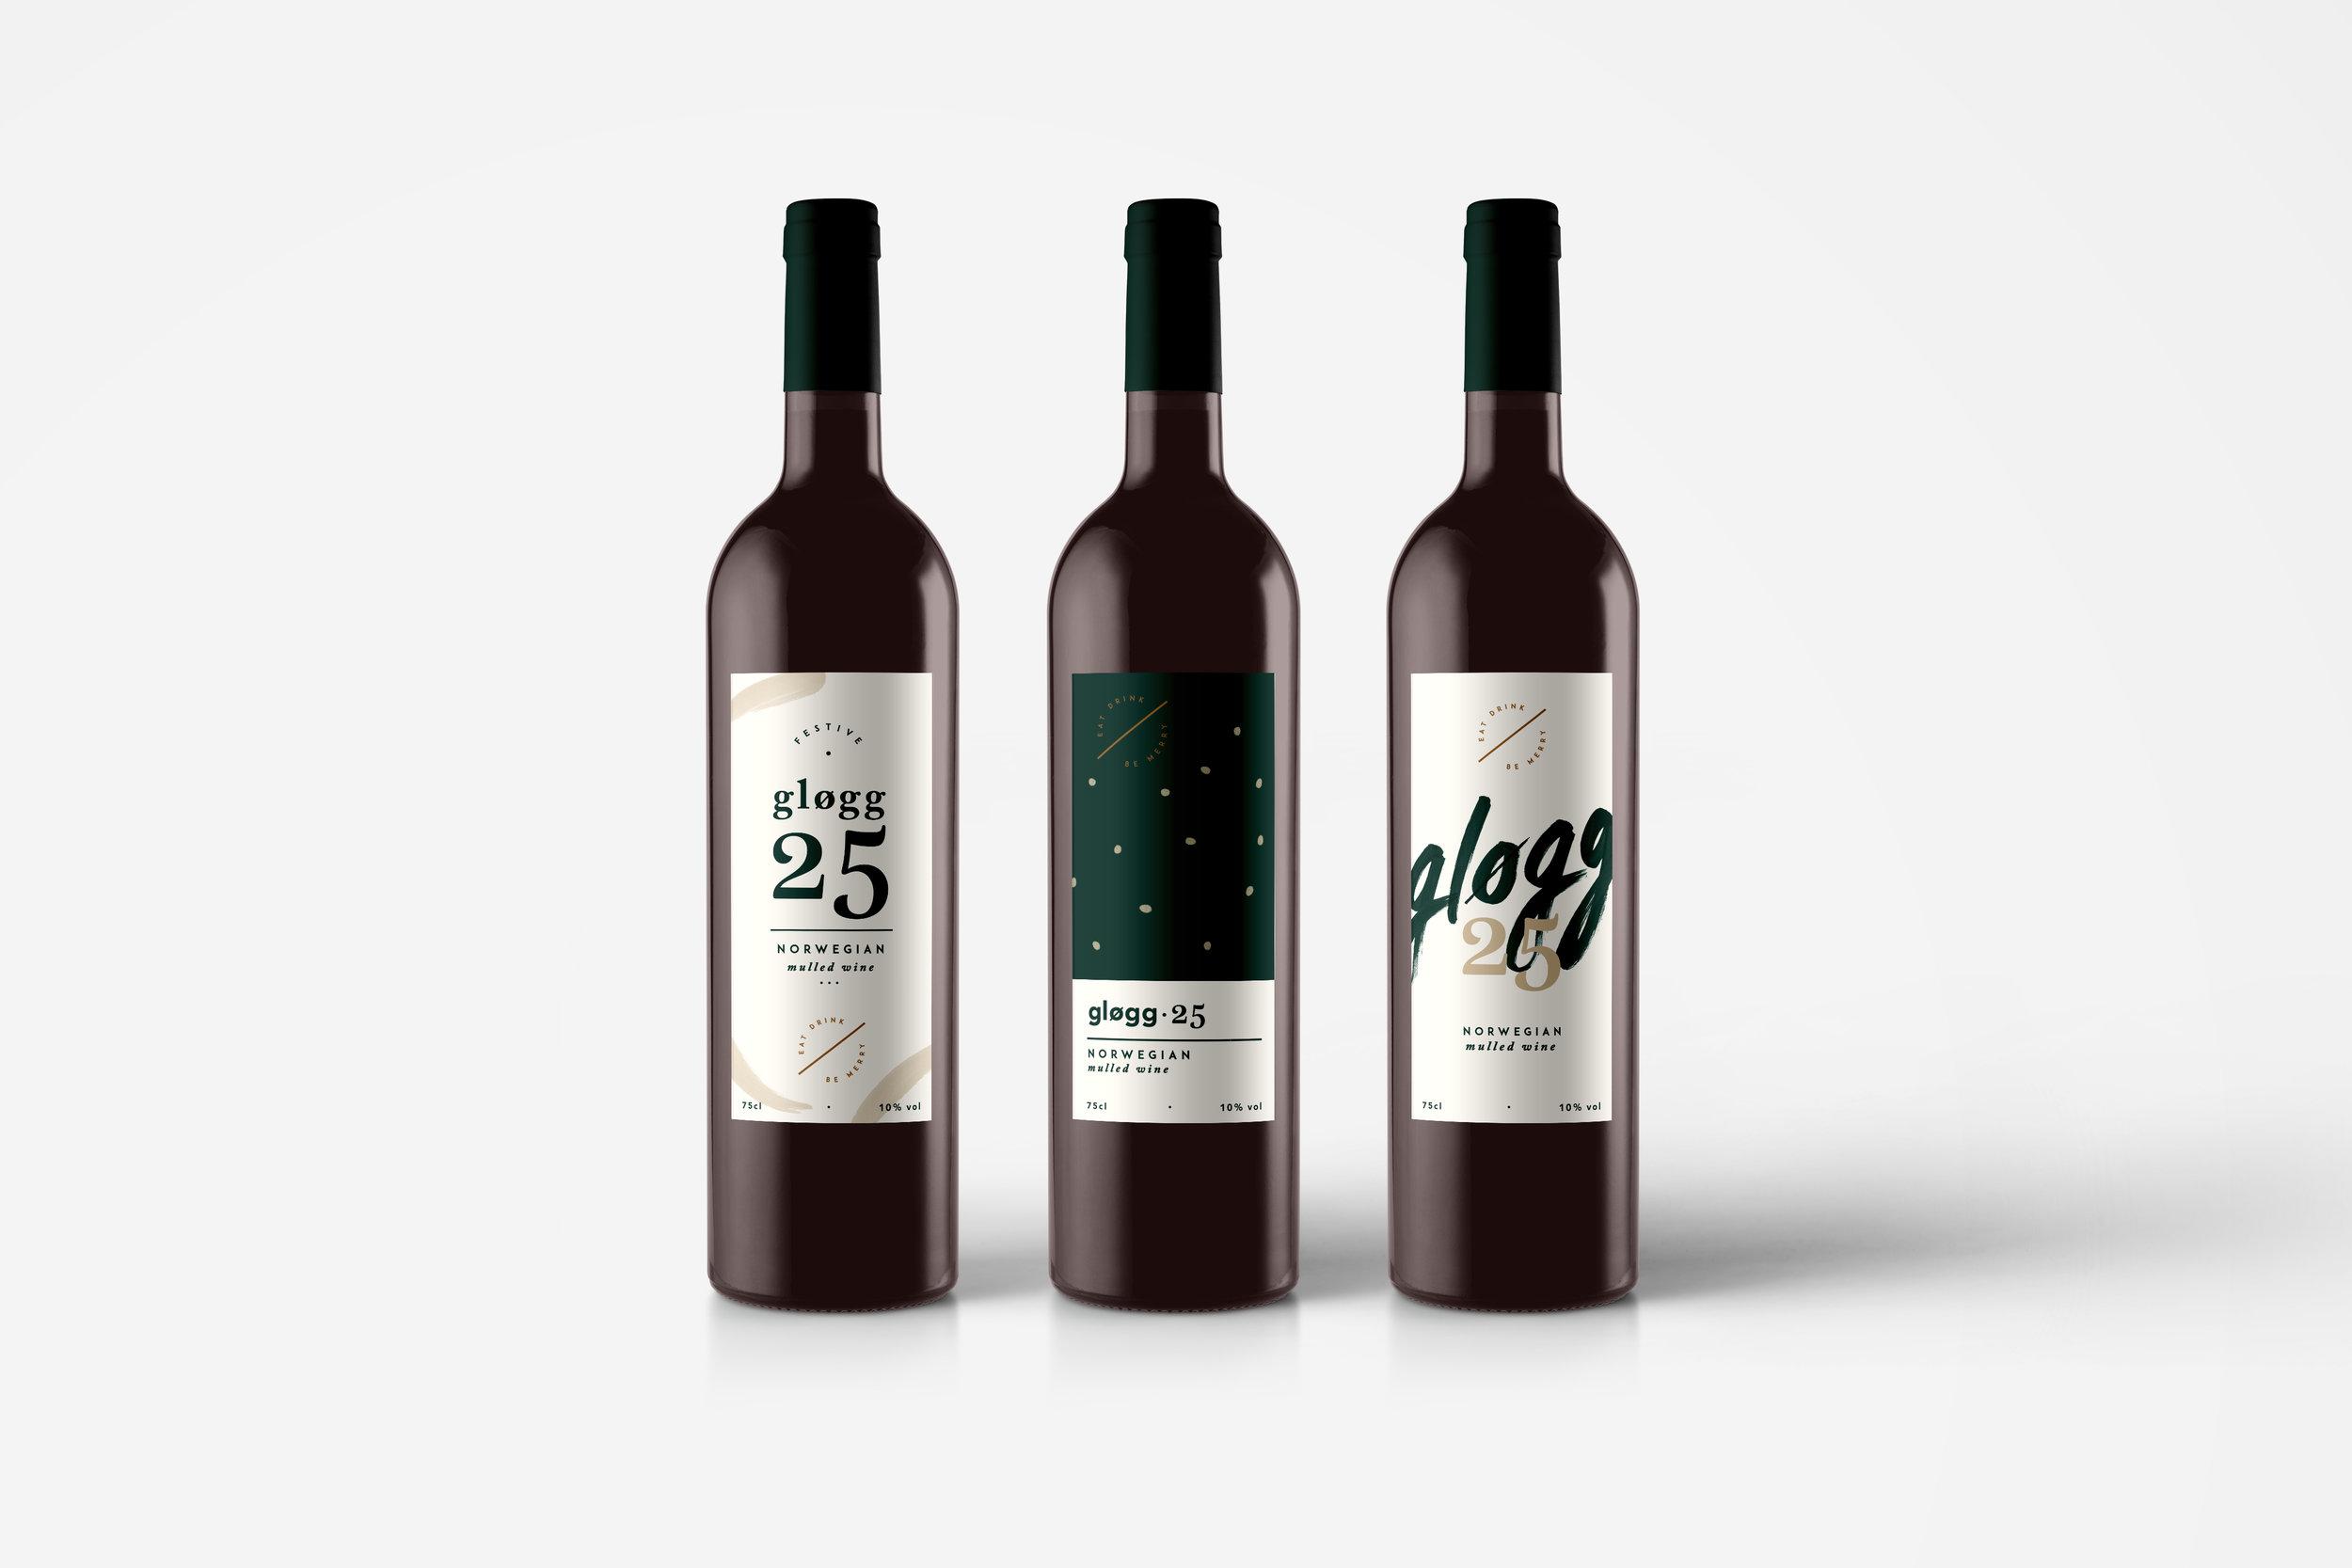 SaidandSeen-MulledWine-Packaging-Branding-Bottles.jpg